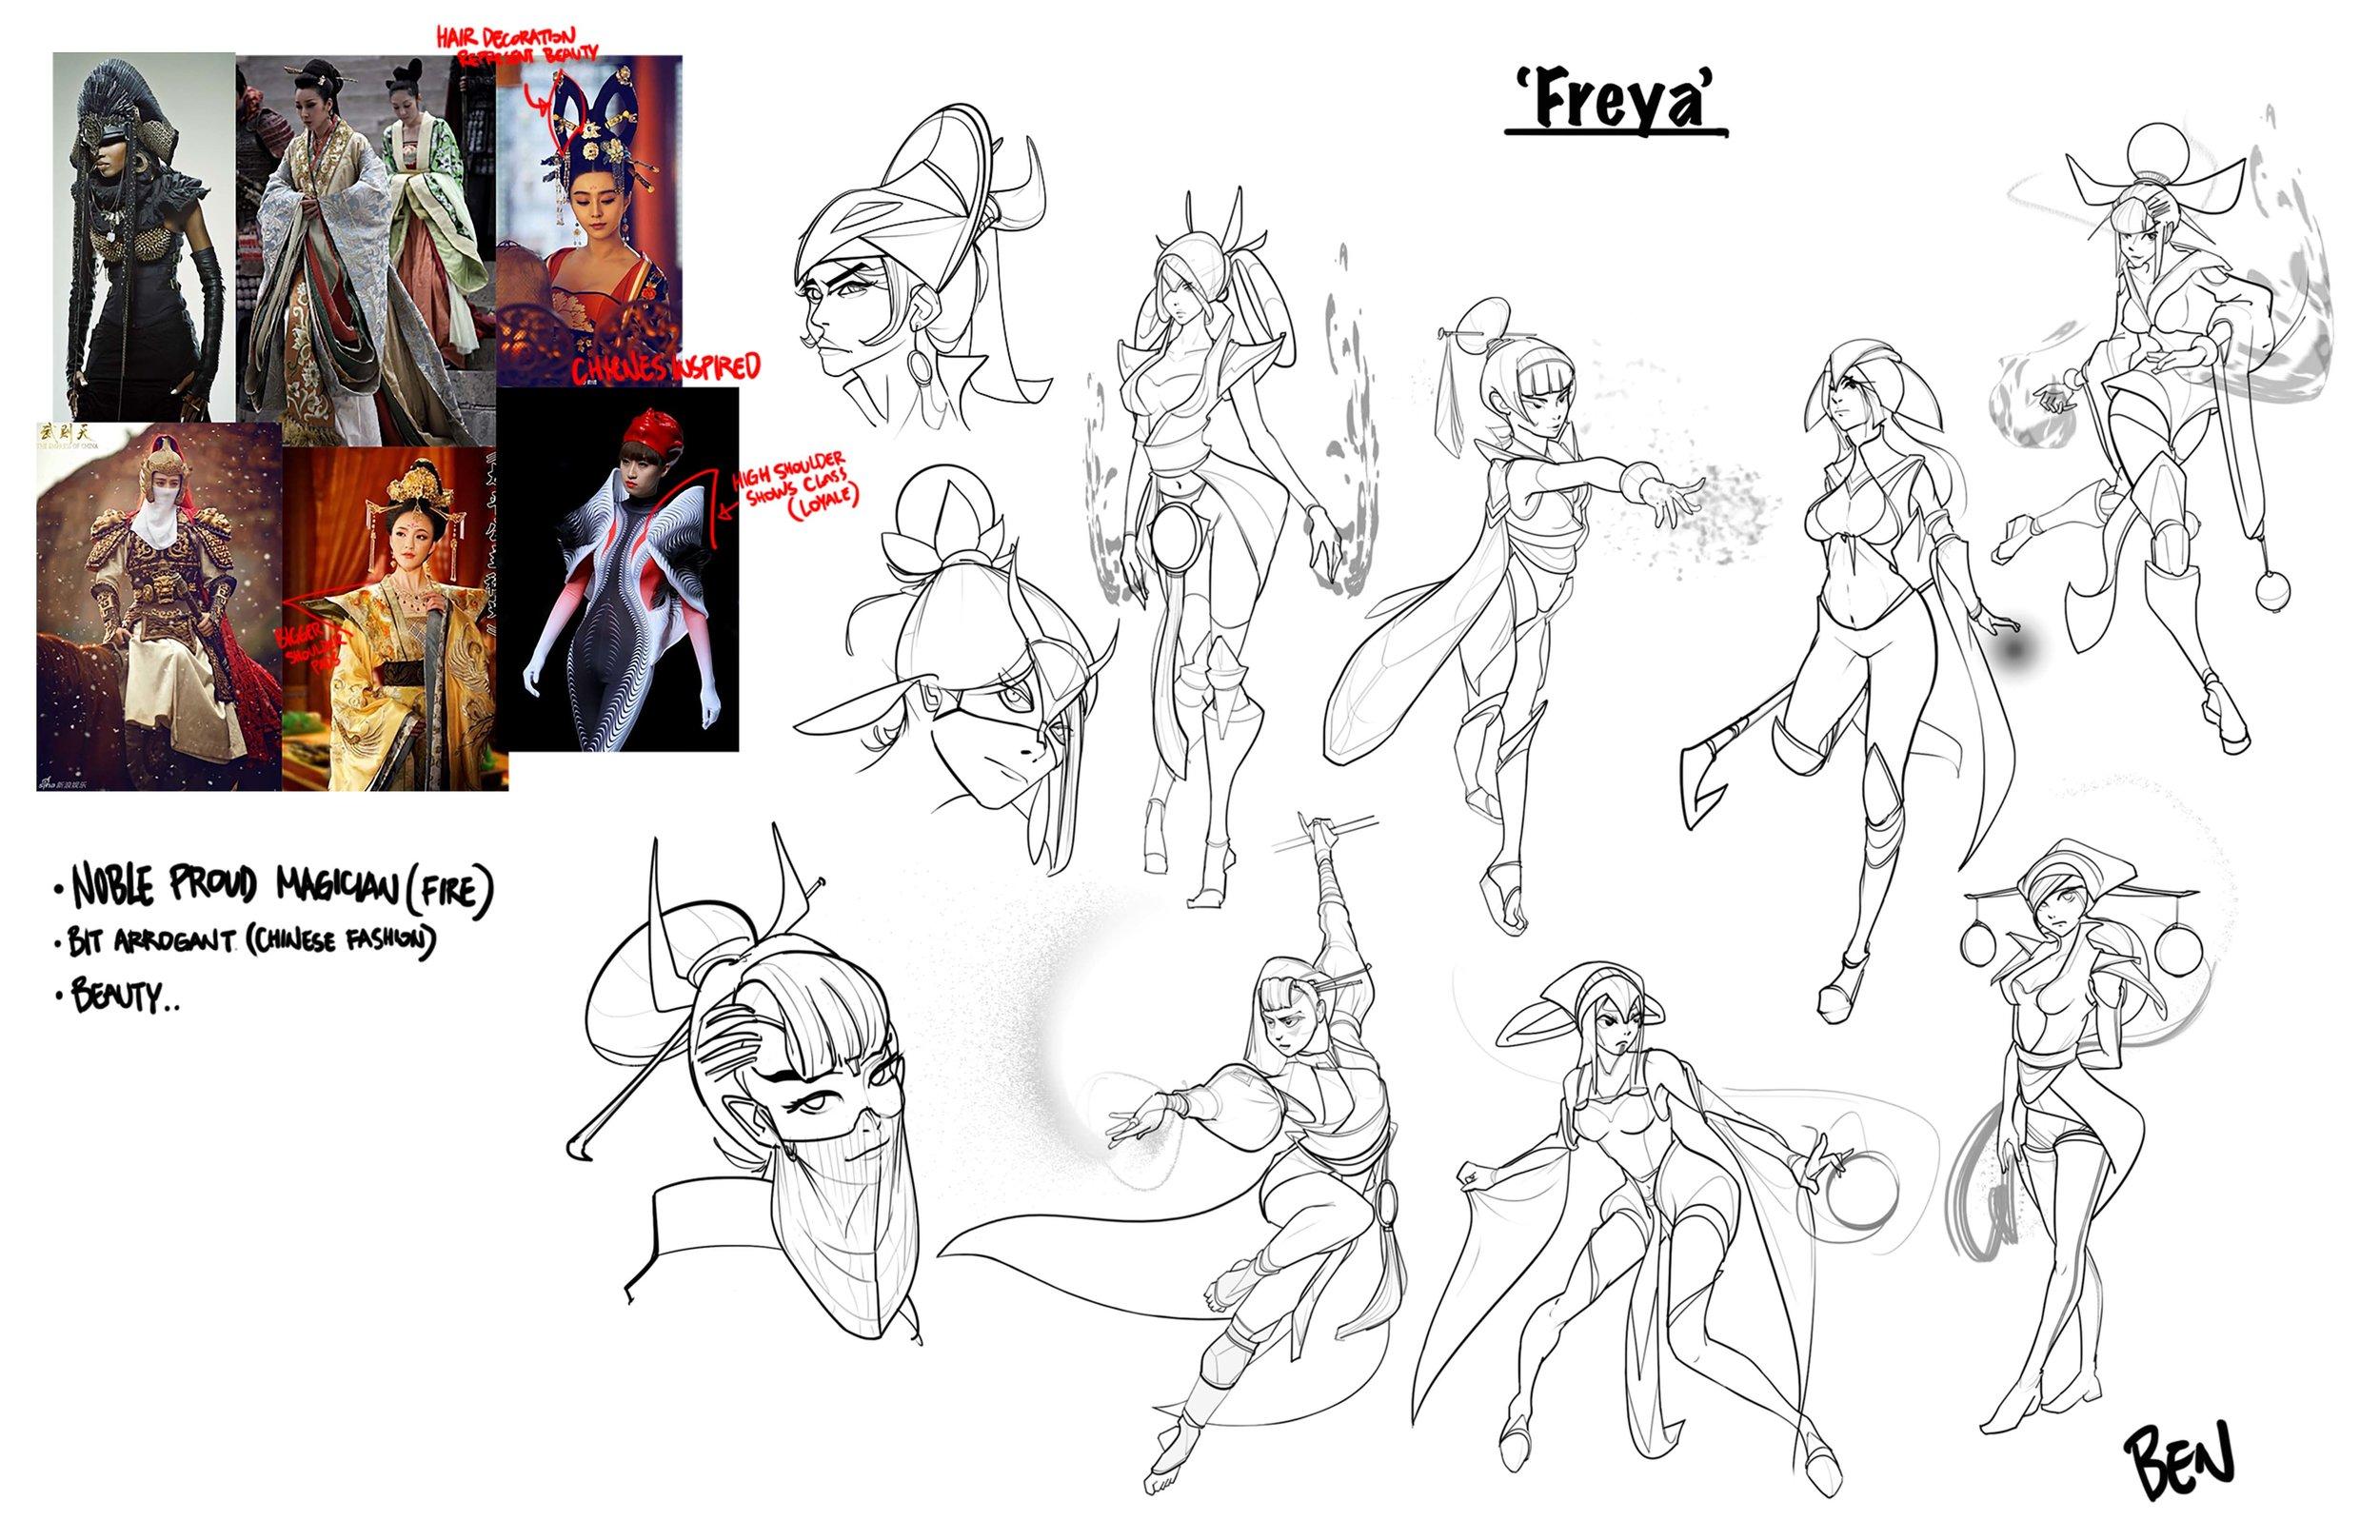 Freya01.jpg